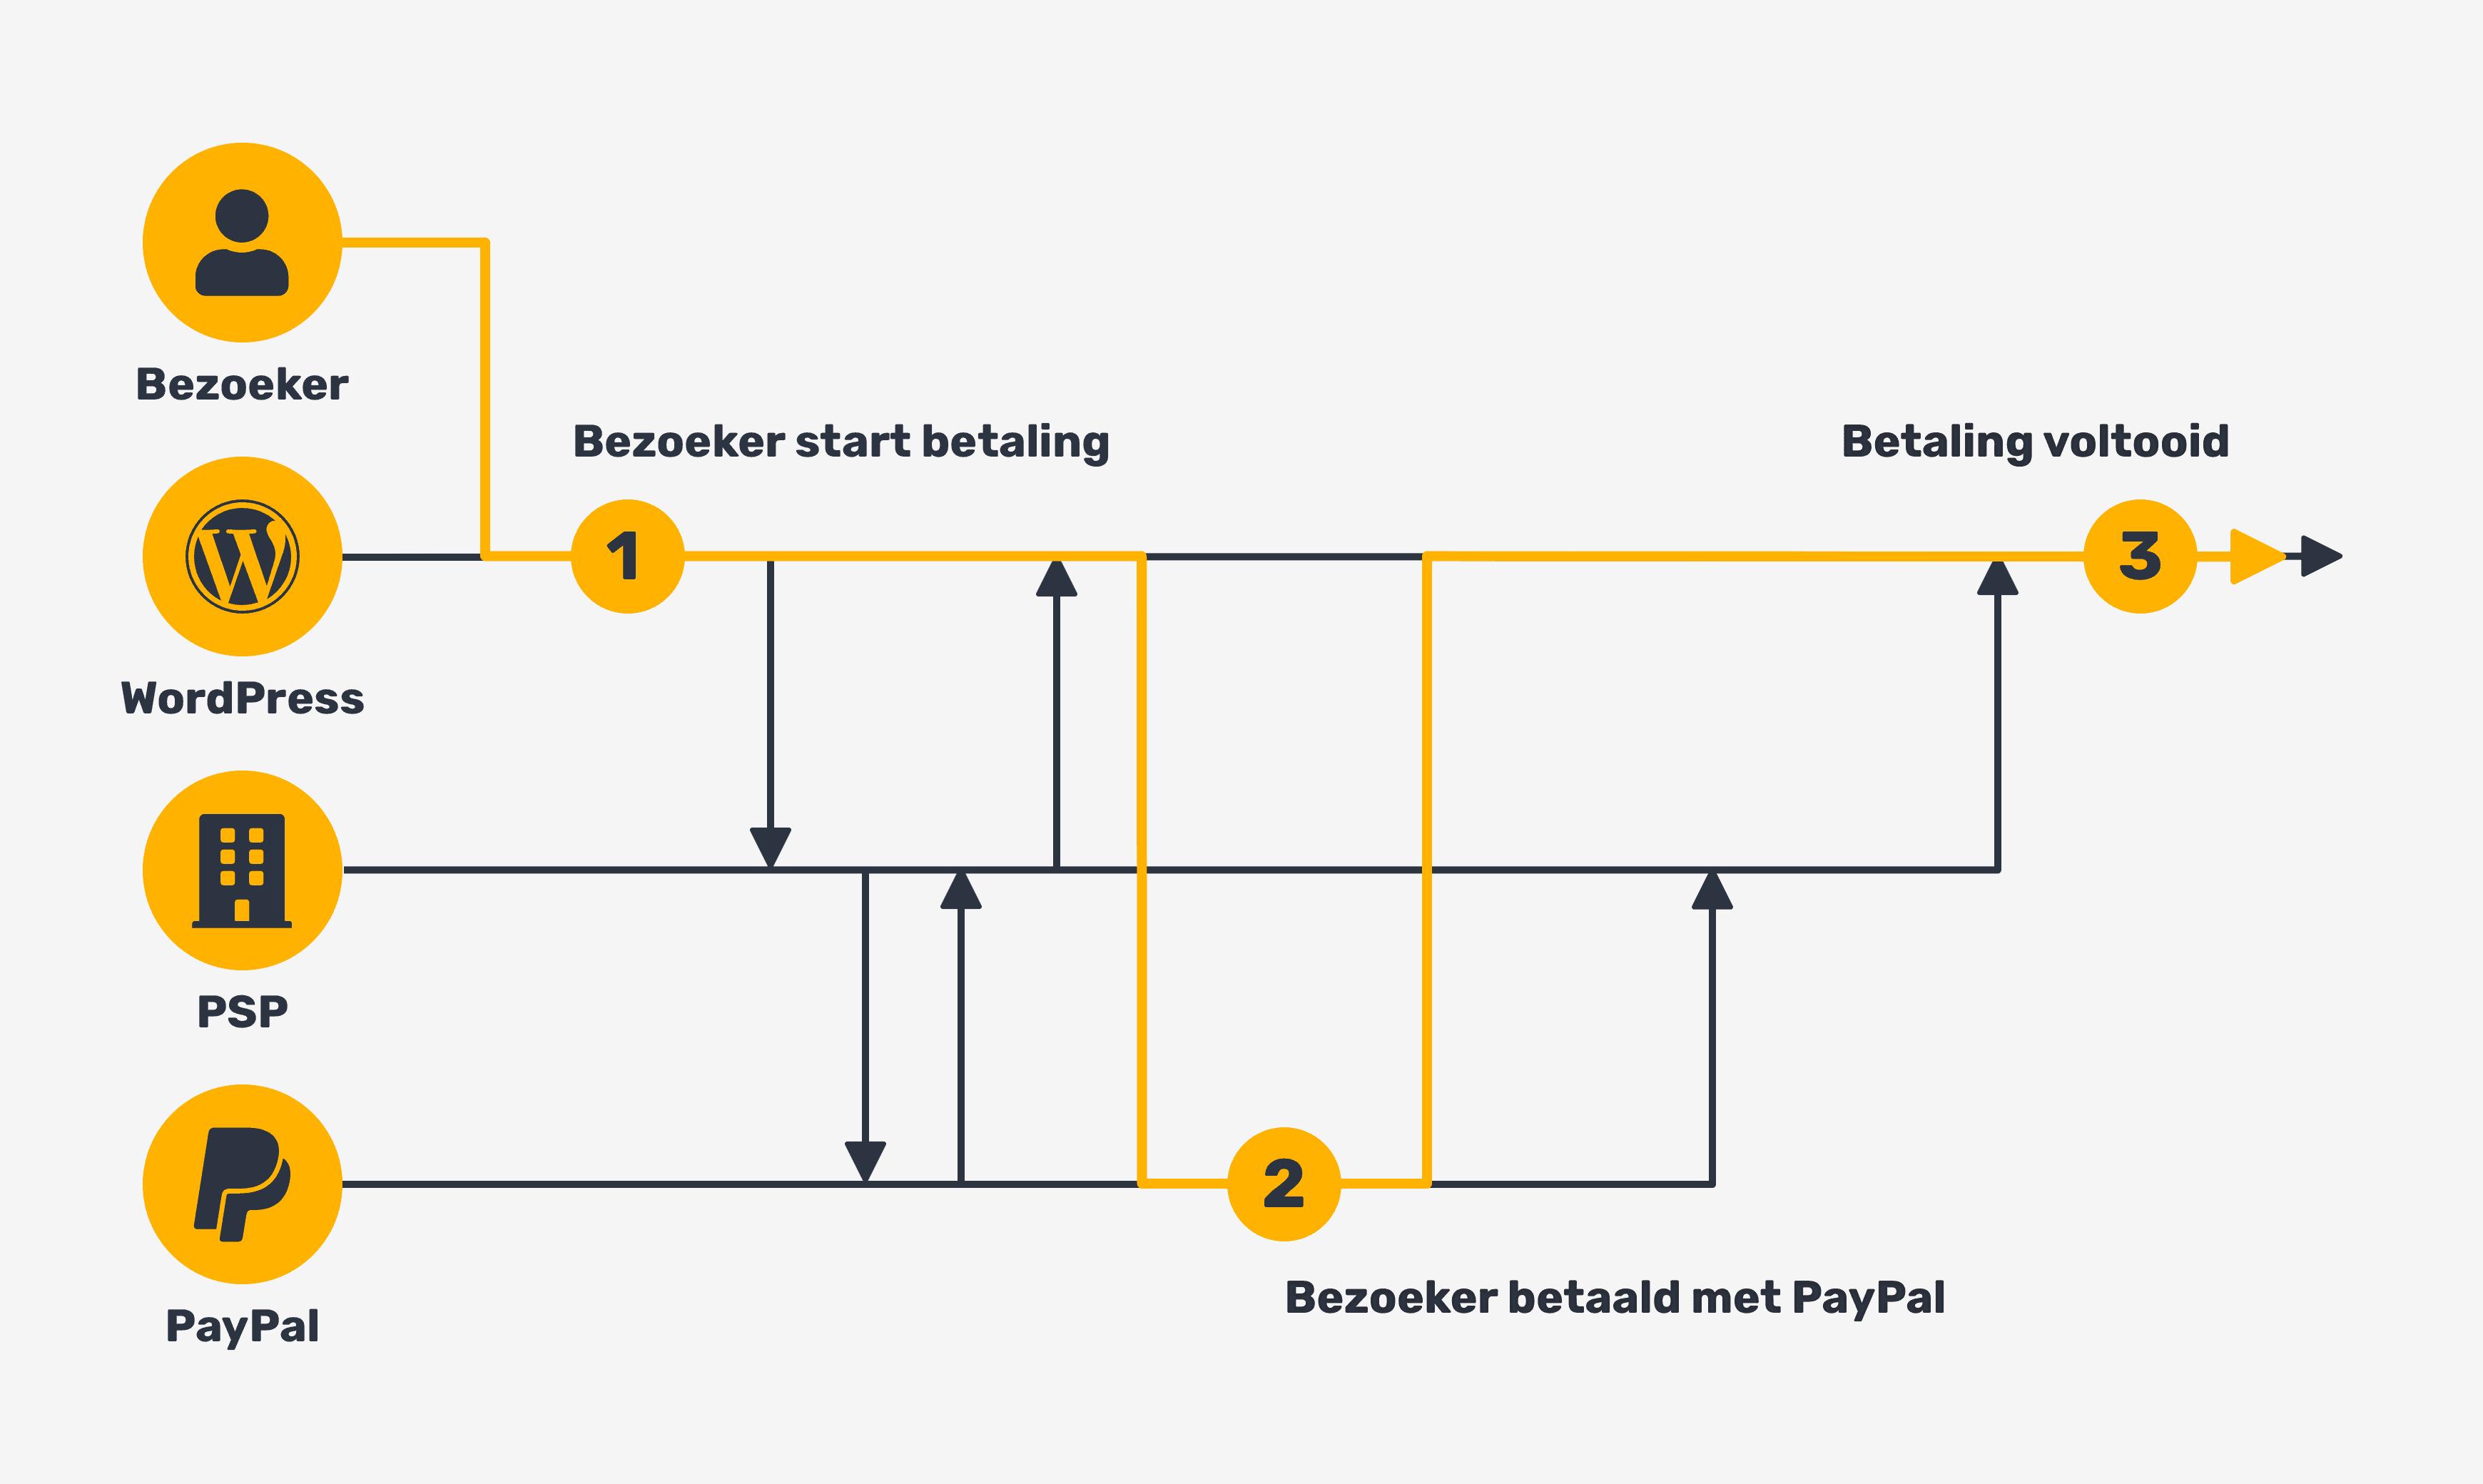 Payment flow diagram via PSP